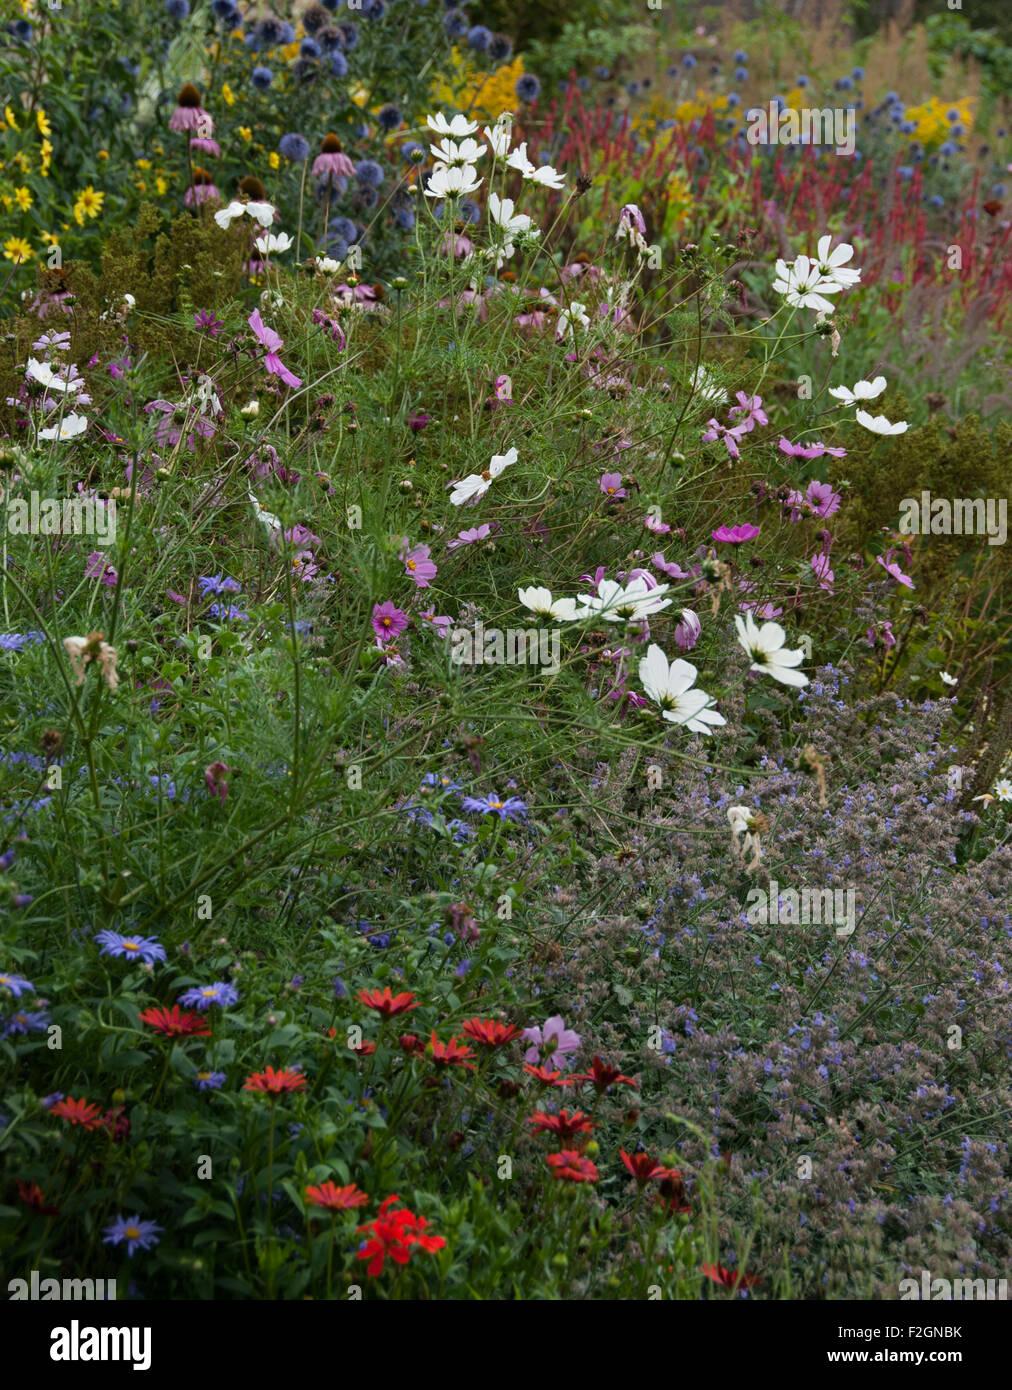 Roses In Garden: Flower Drift Stock Photos & Flower Drift Stock Images